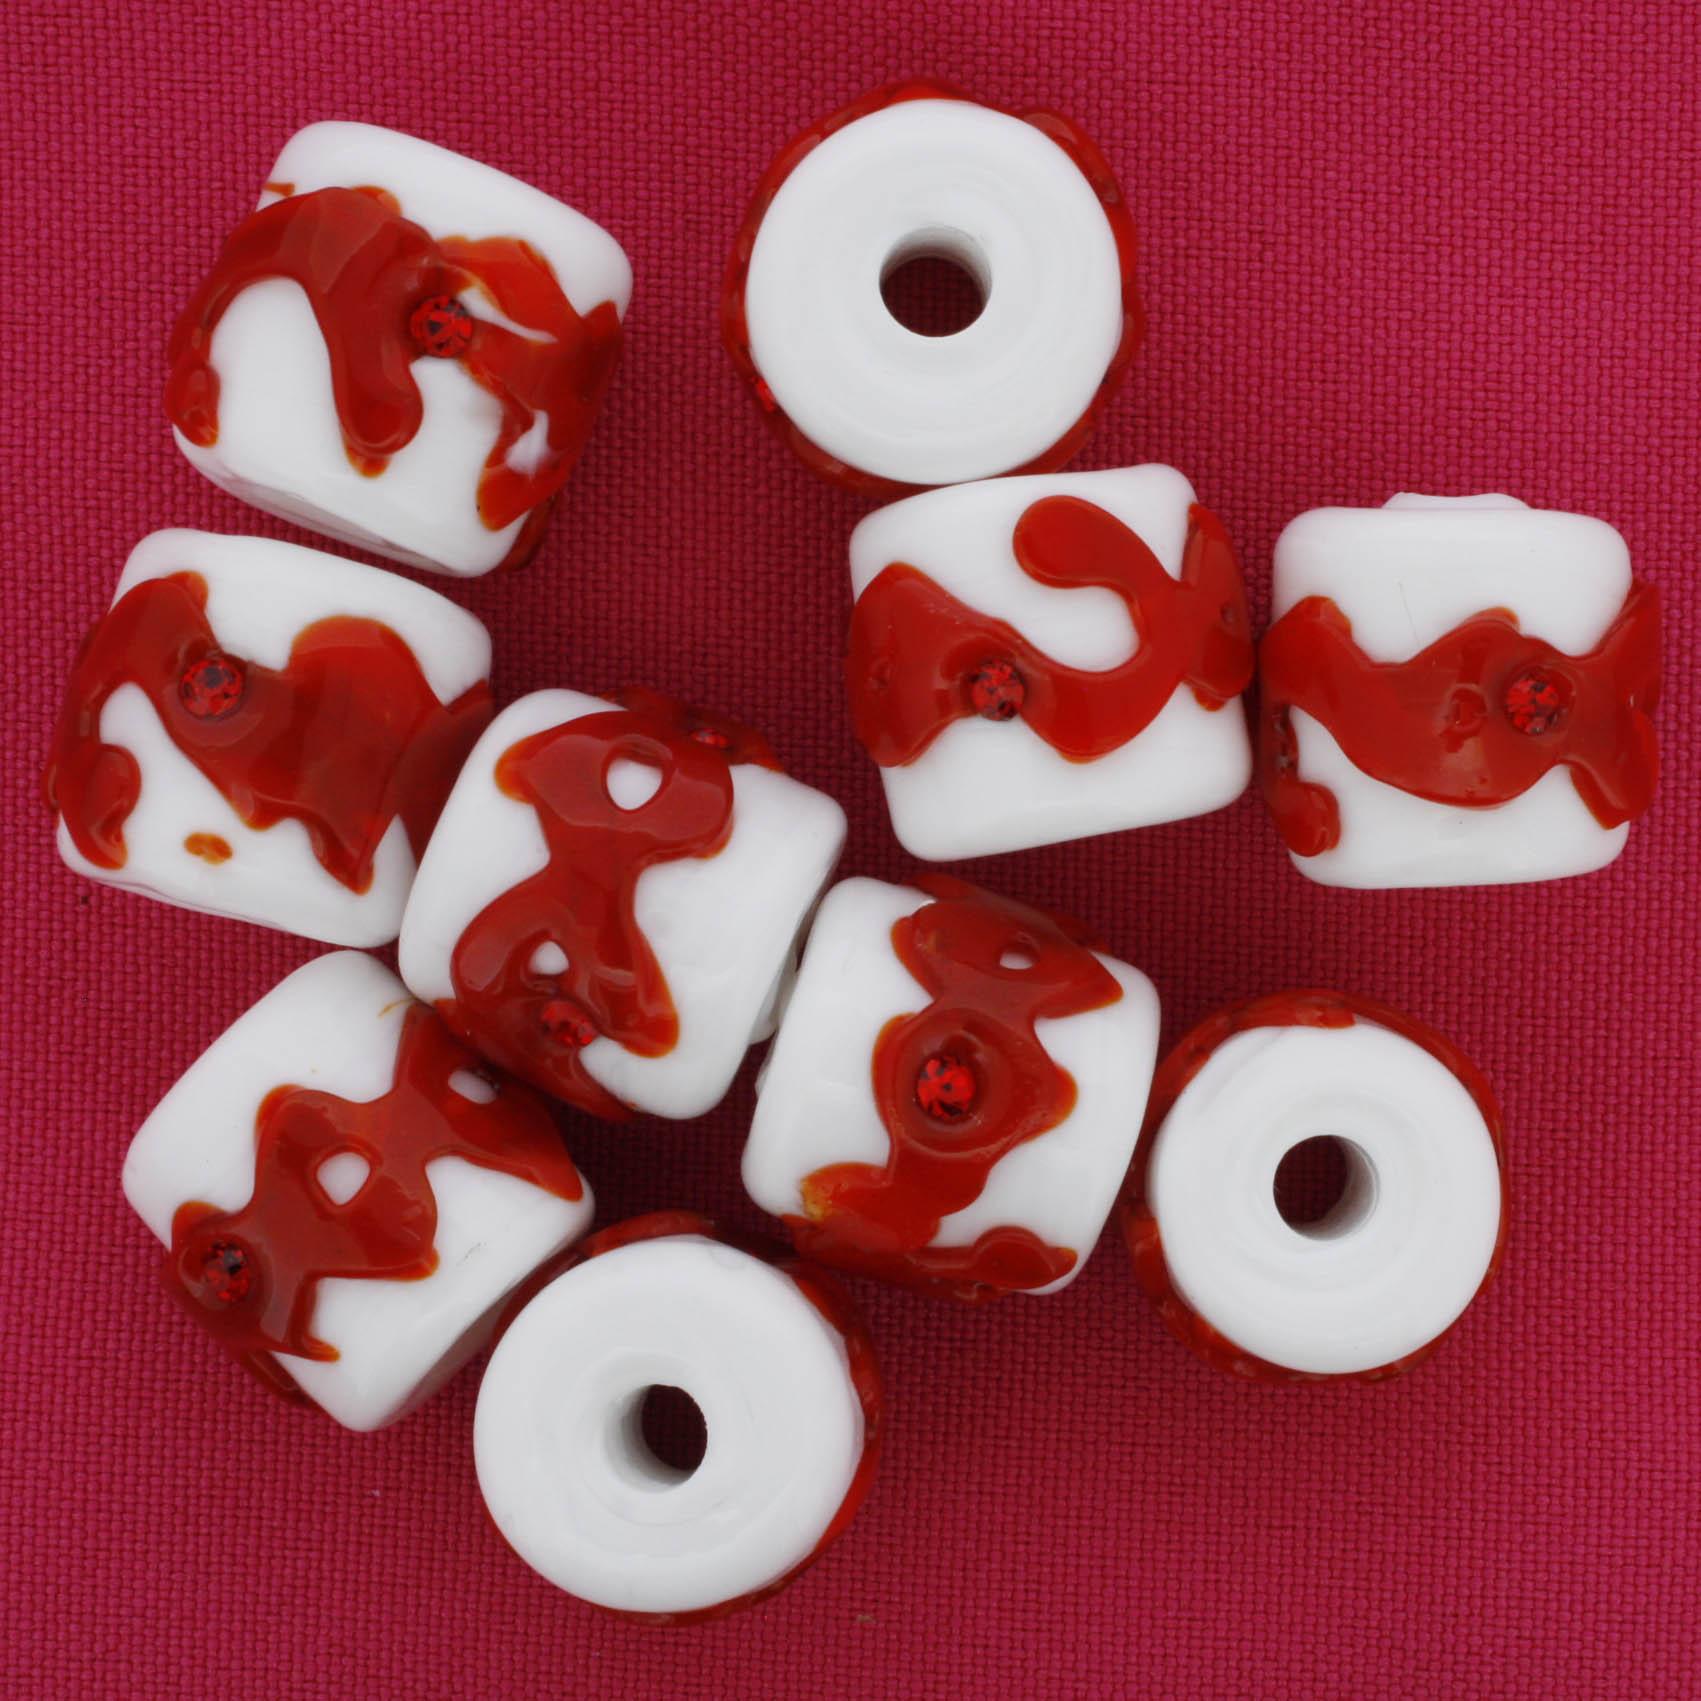 Firmas Strass - Branca e Vermelha  - Stéphanie Bijoux® - Peças para Bijuterias e Artesanato